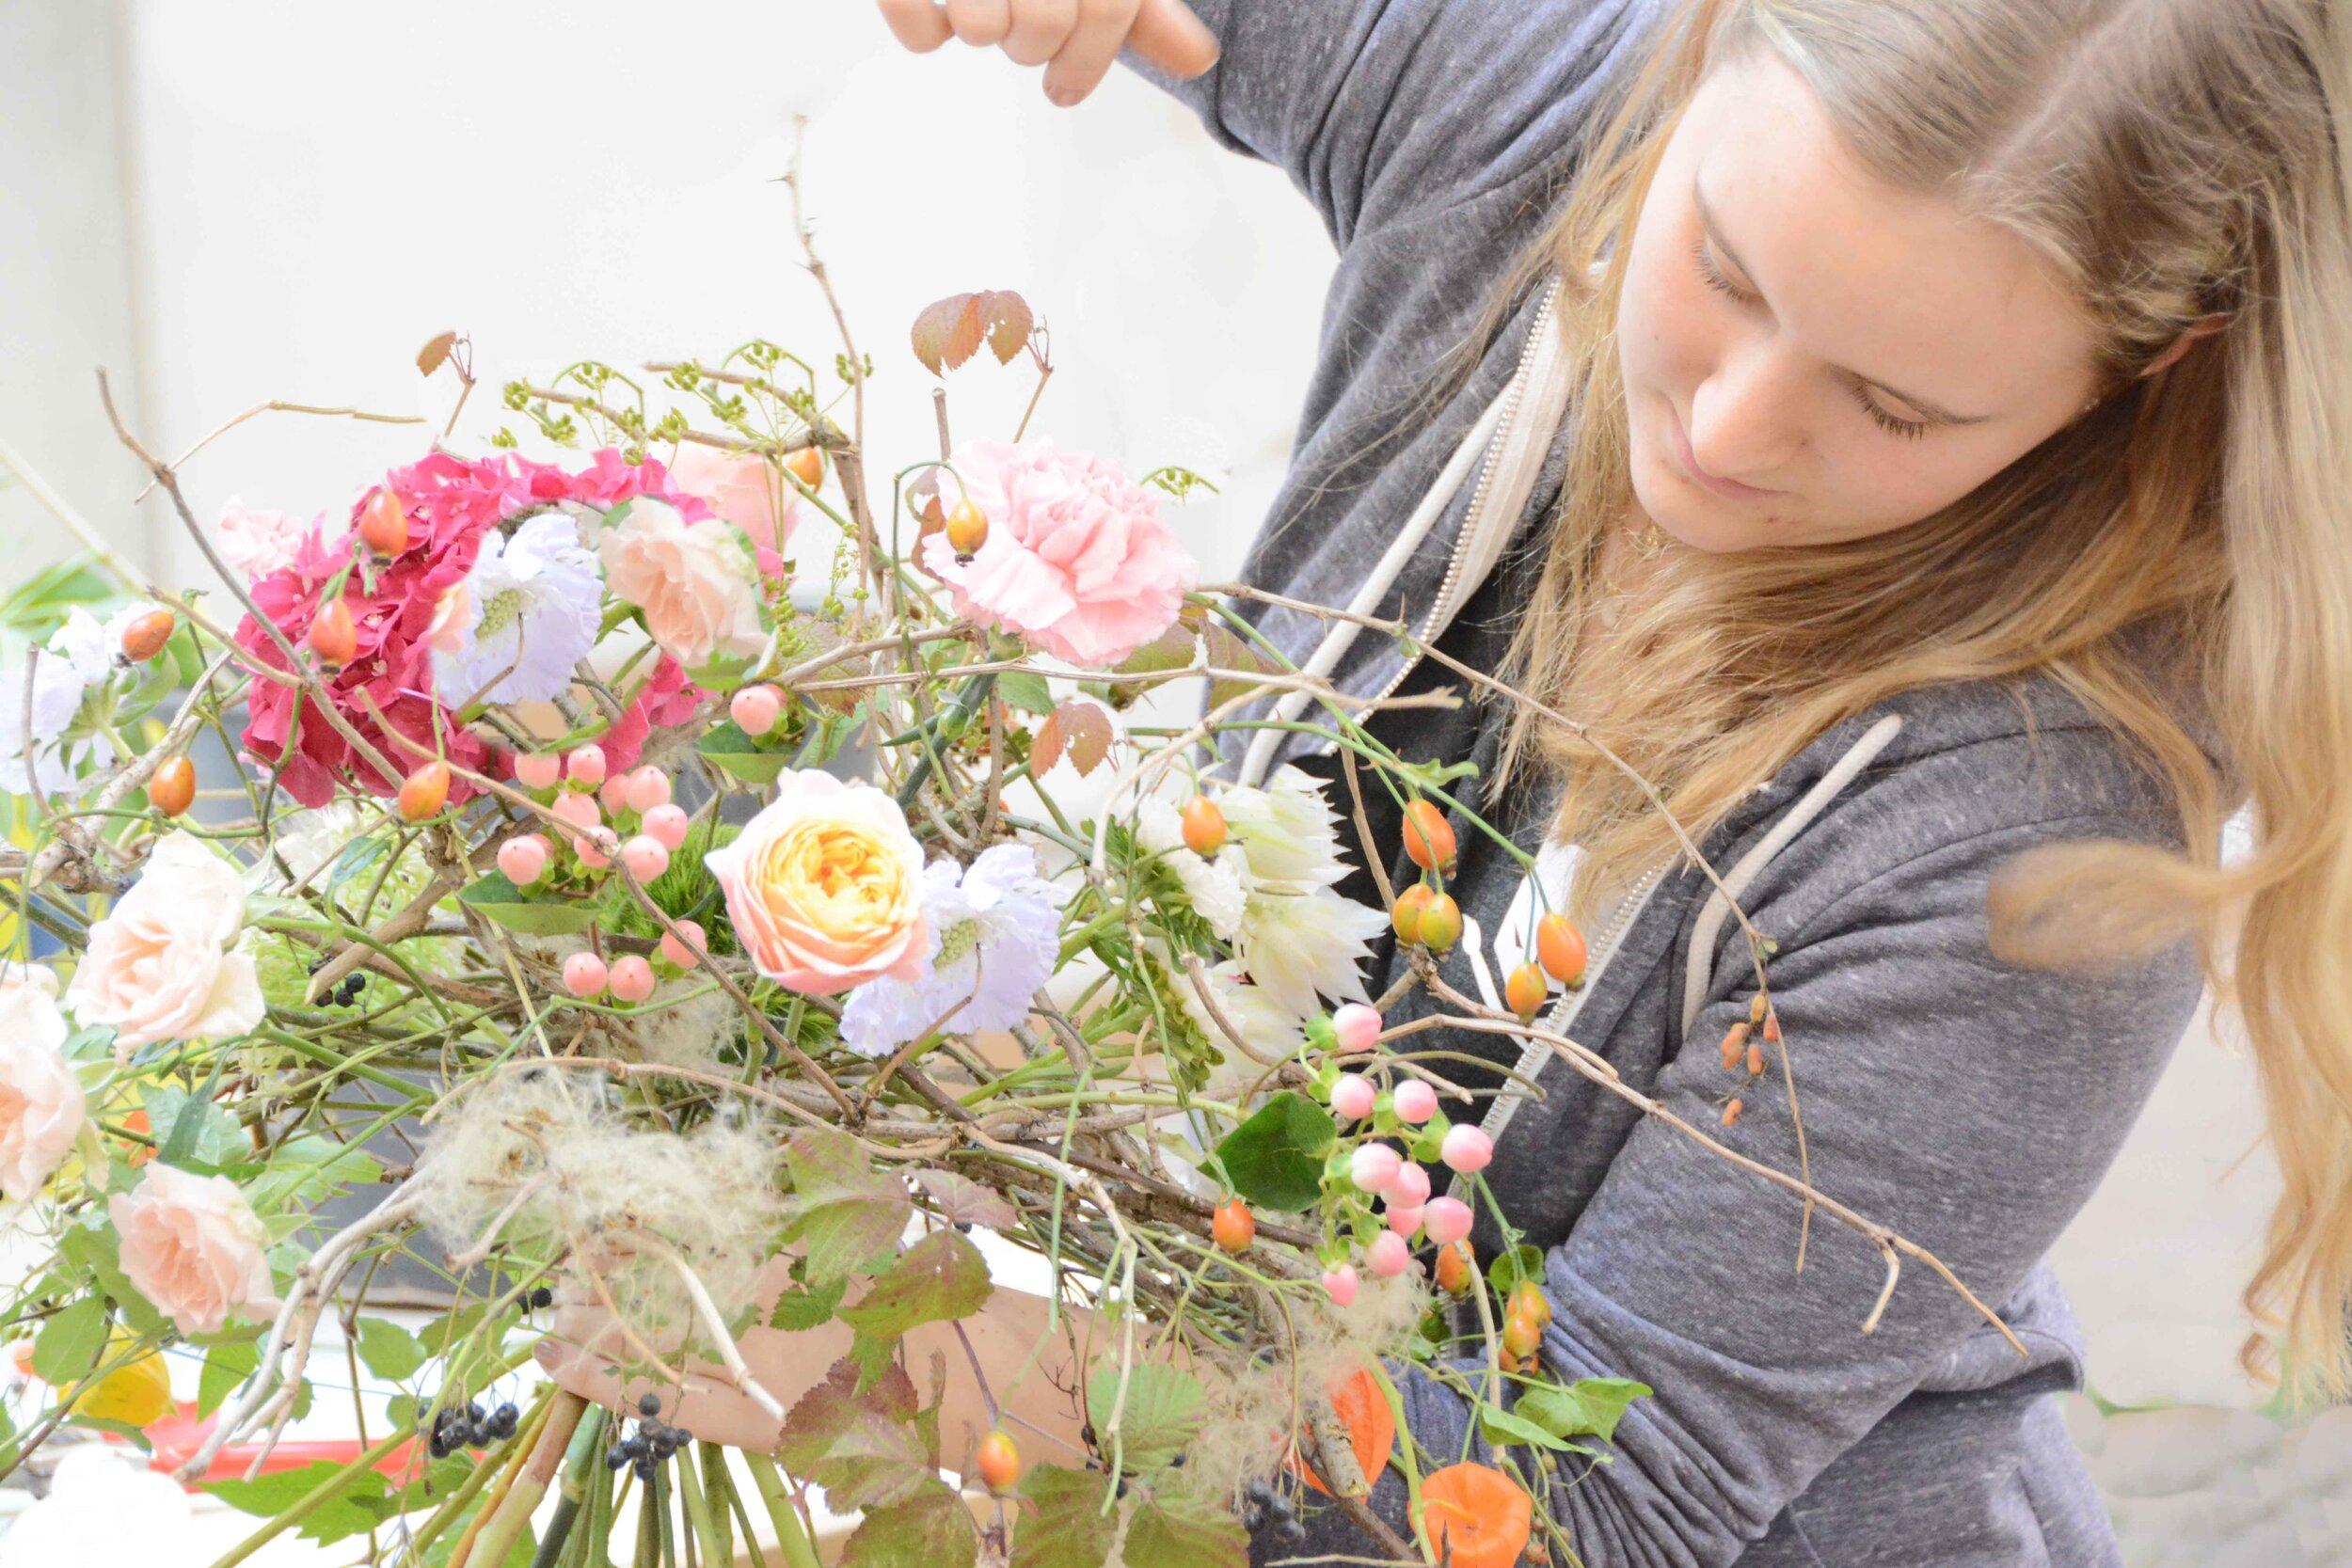 Luftig-duftige Traumsträusse entstanden in der ersten Schulwoche der aktuellen Meisterklasse an der Academy of Flowerdesign /AoF